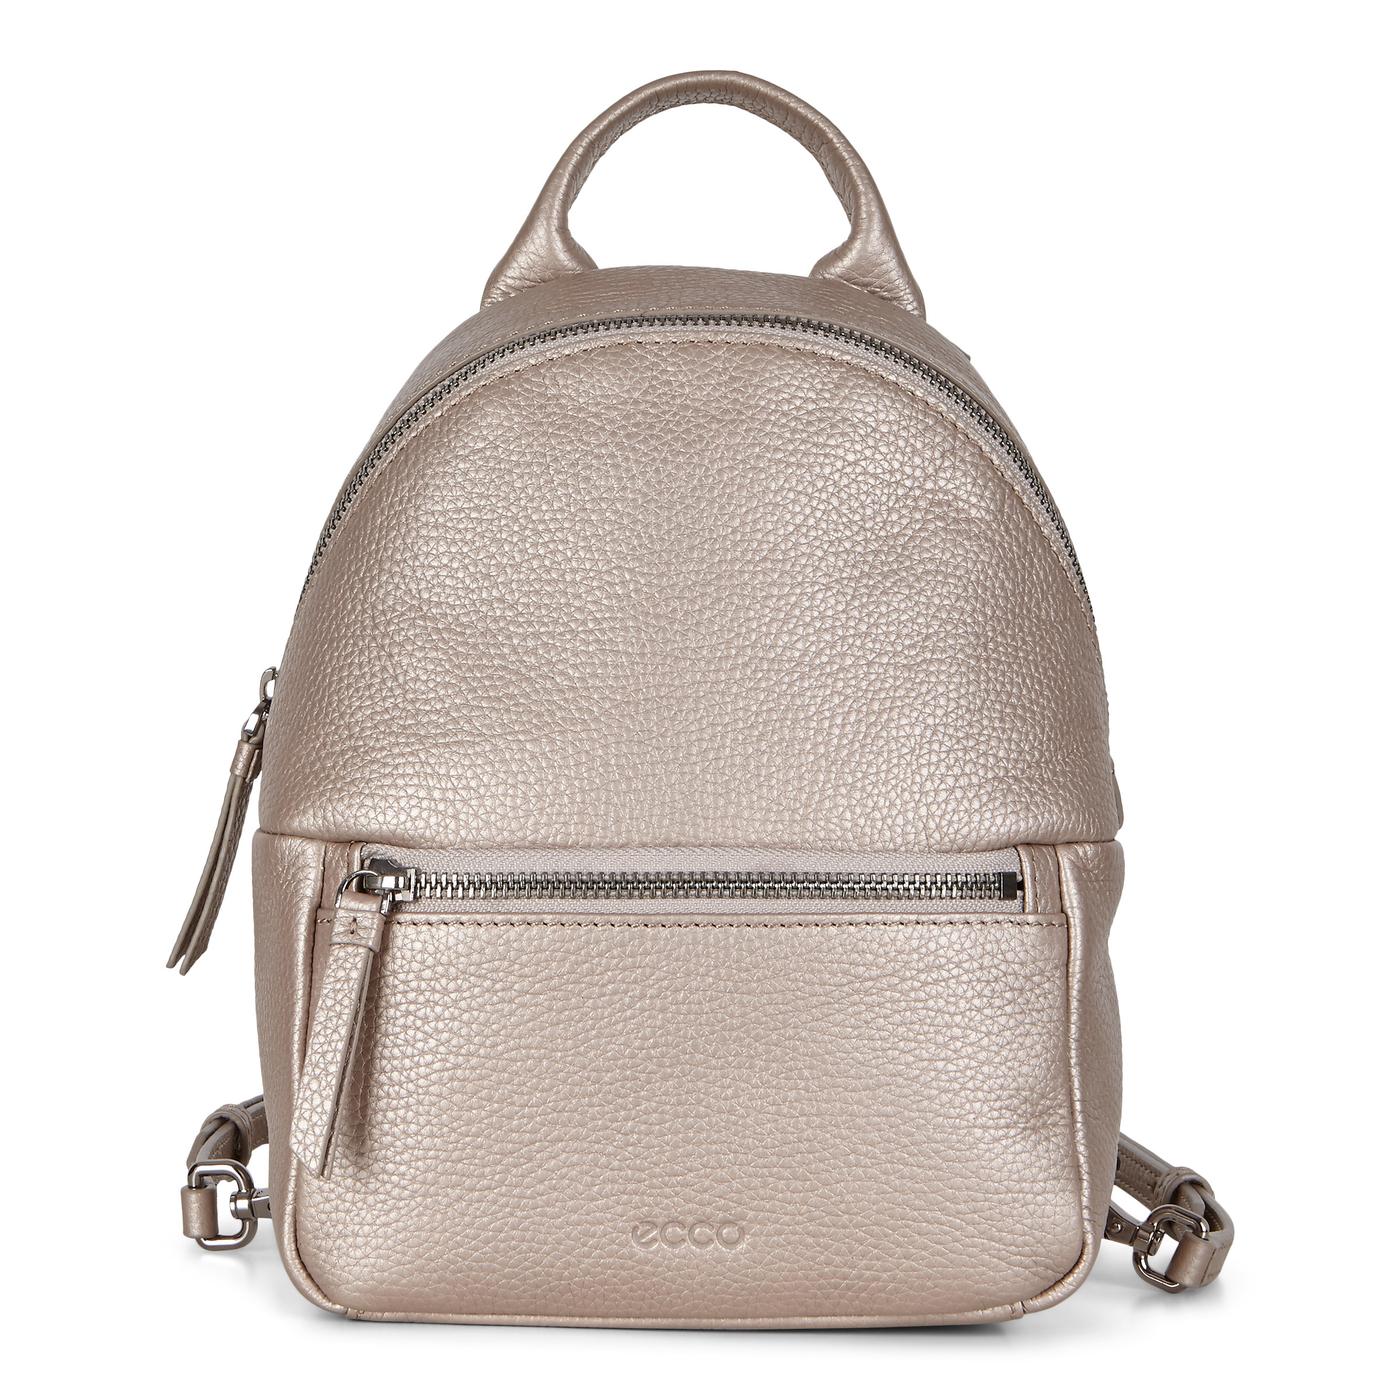 ECCO SP 3 Mini Backpack Metallic